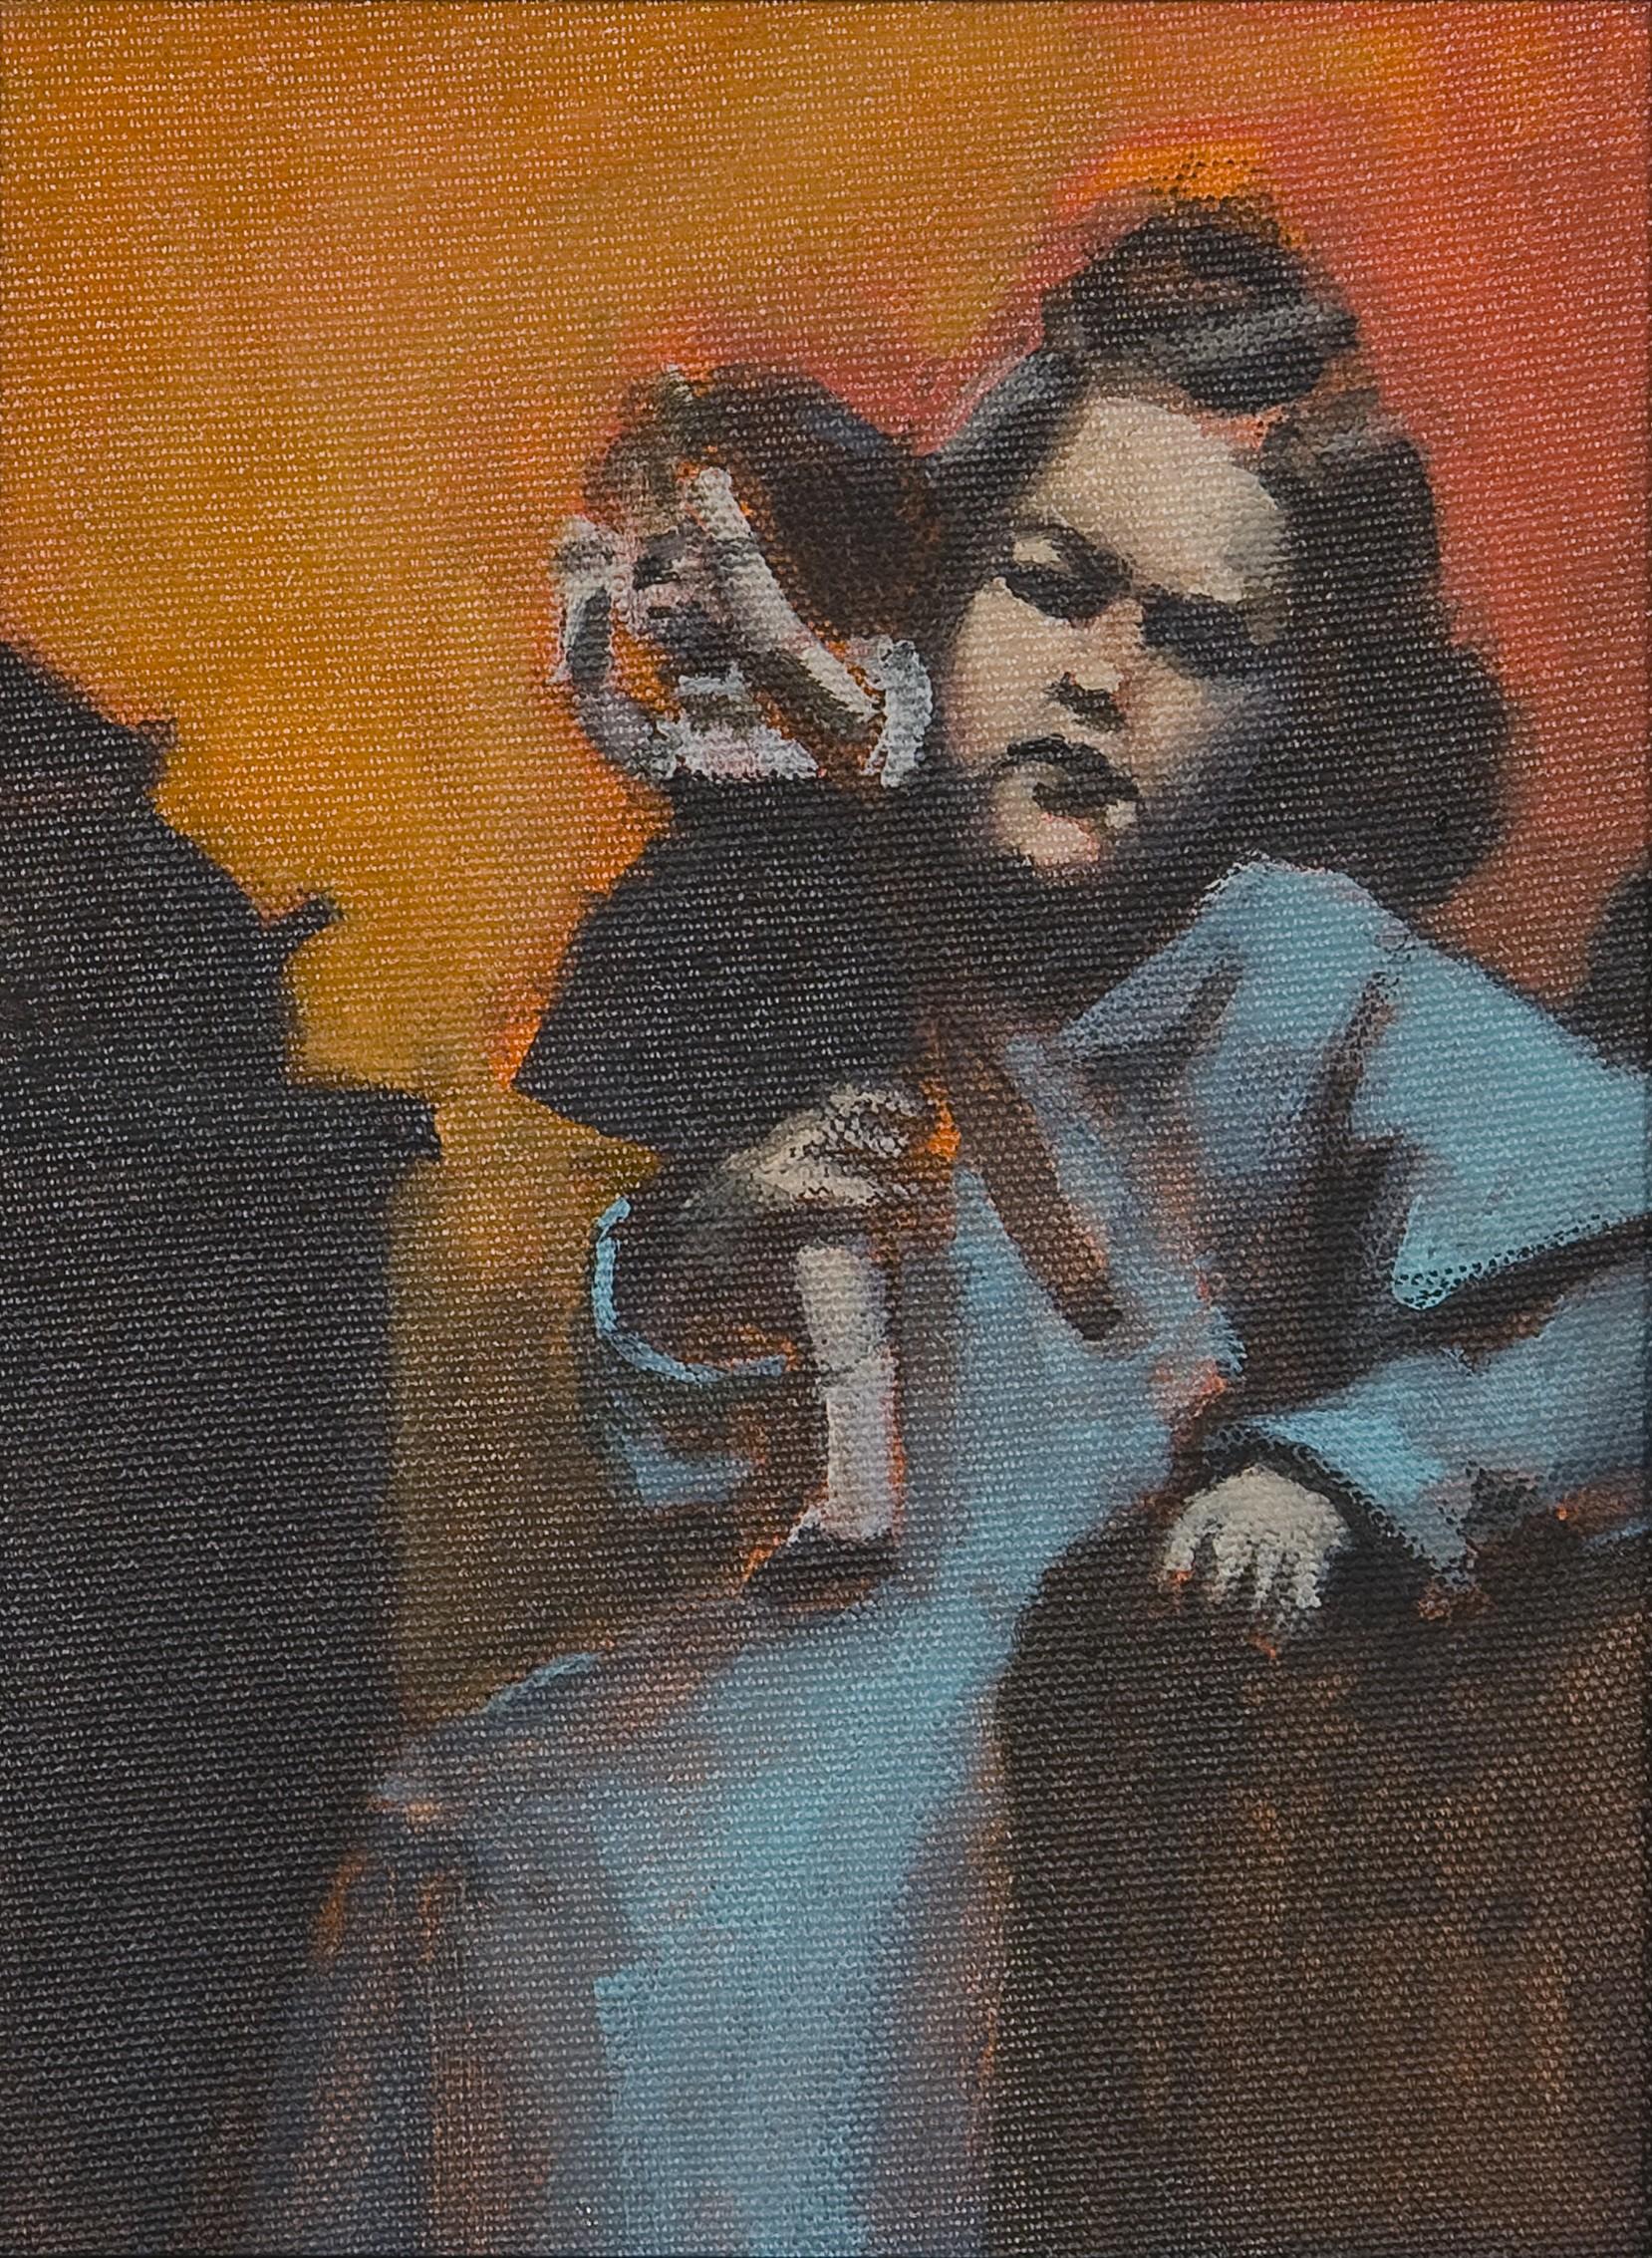 Anne & doll